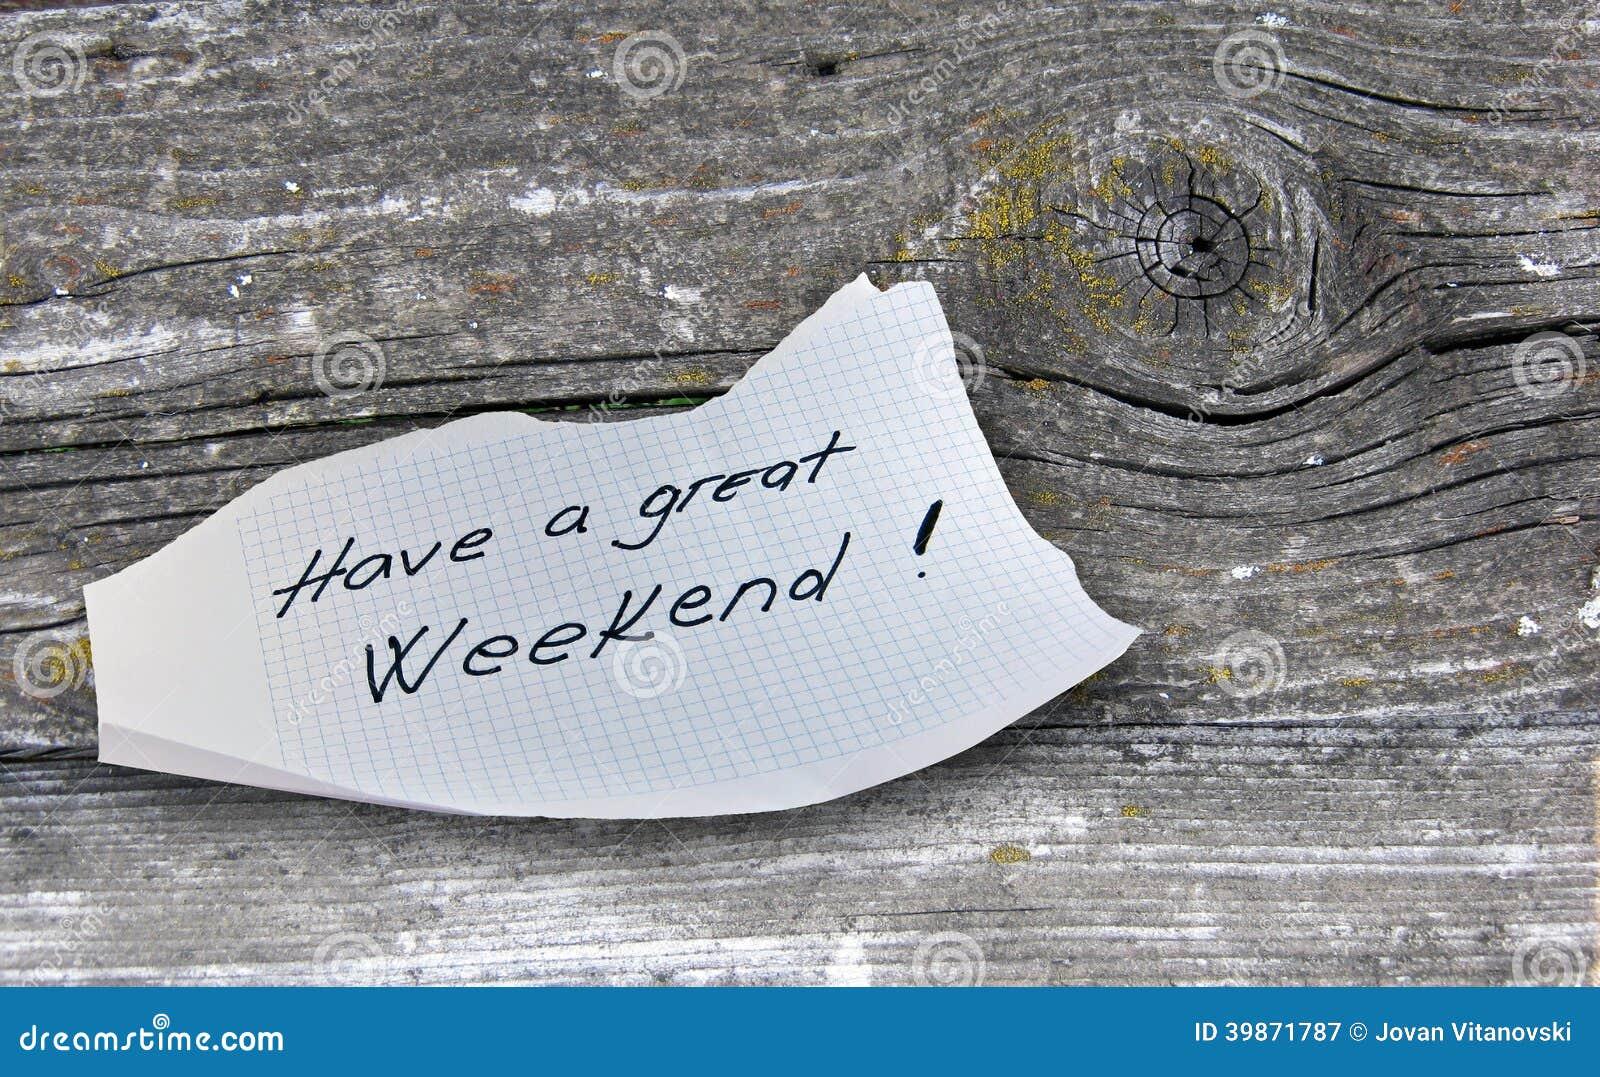 Abbia un grande fine settimana